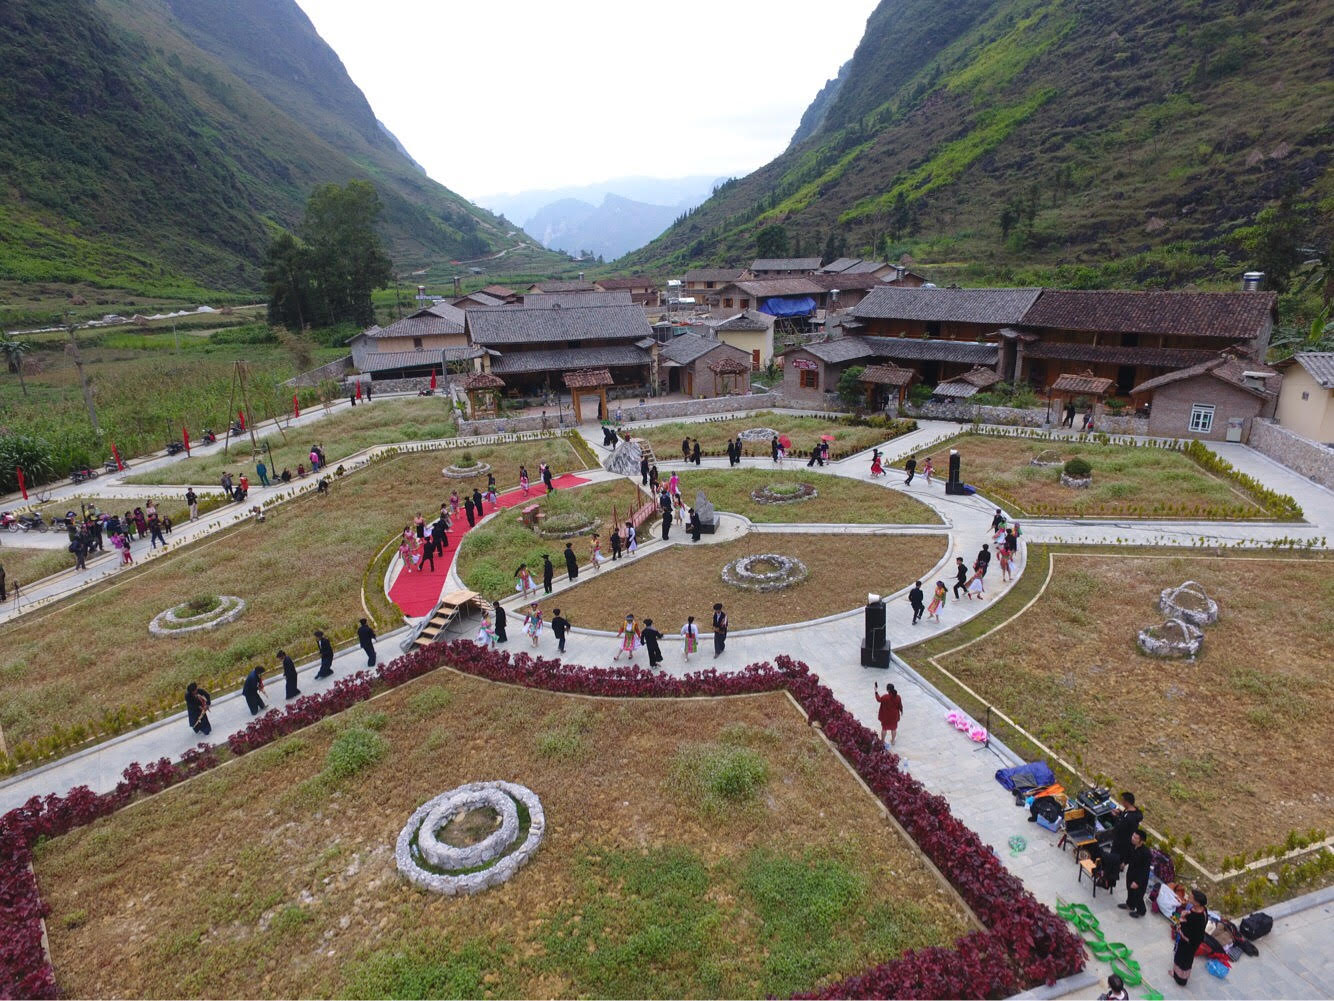 Làng văn hóa du lịch cộng đồng xã Pả Vi được xây dựng để bảo vệ văn bản hóa giá trị dân tộc Mông (ảnh Kim Tiến)